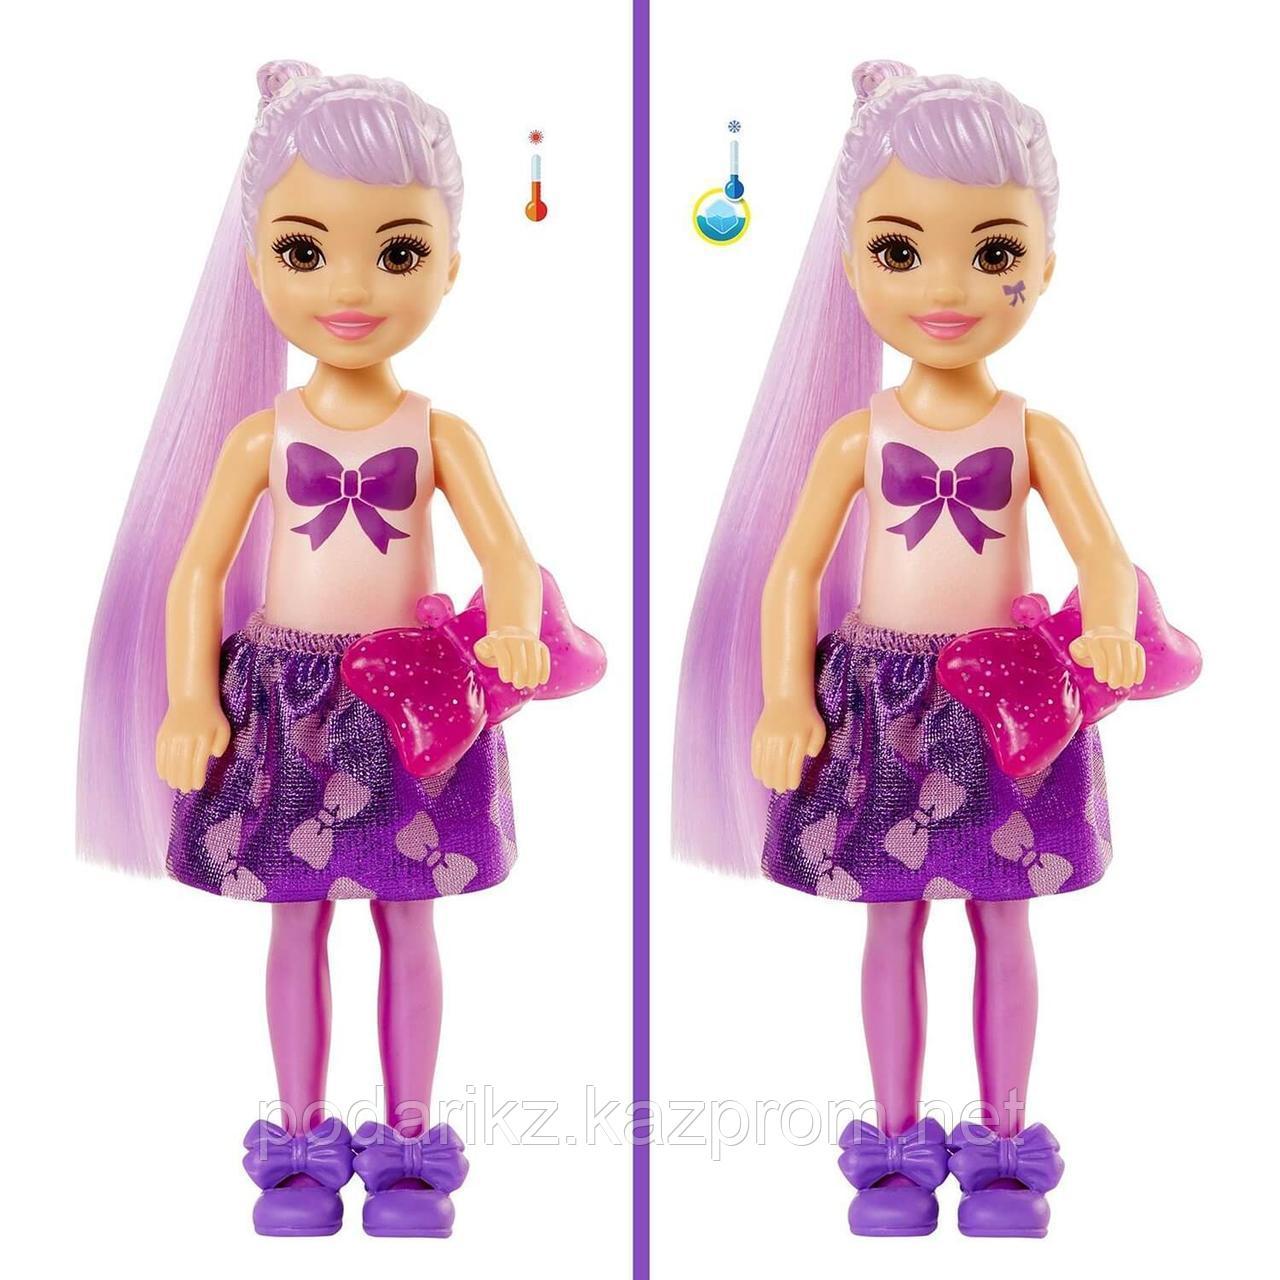 Набор Barbie Челси В1 кукла+аксессуары в непрозрачной упаковке (Сюрприз) - фото 3